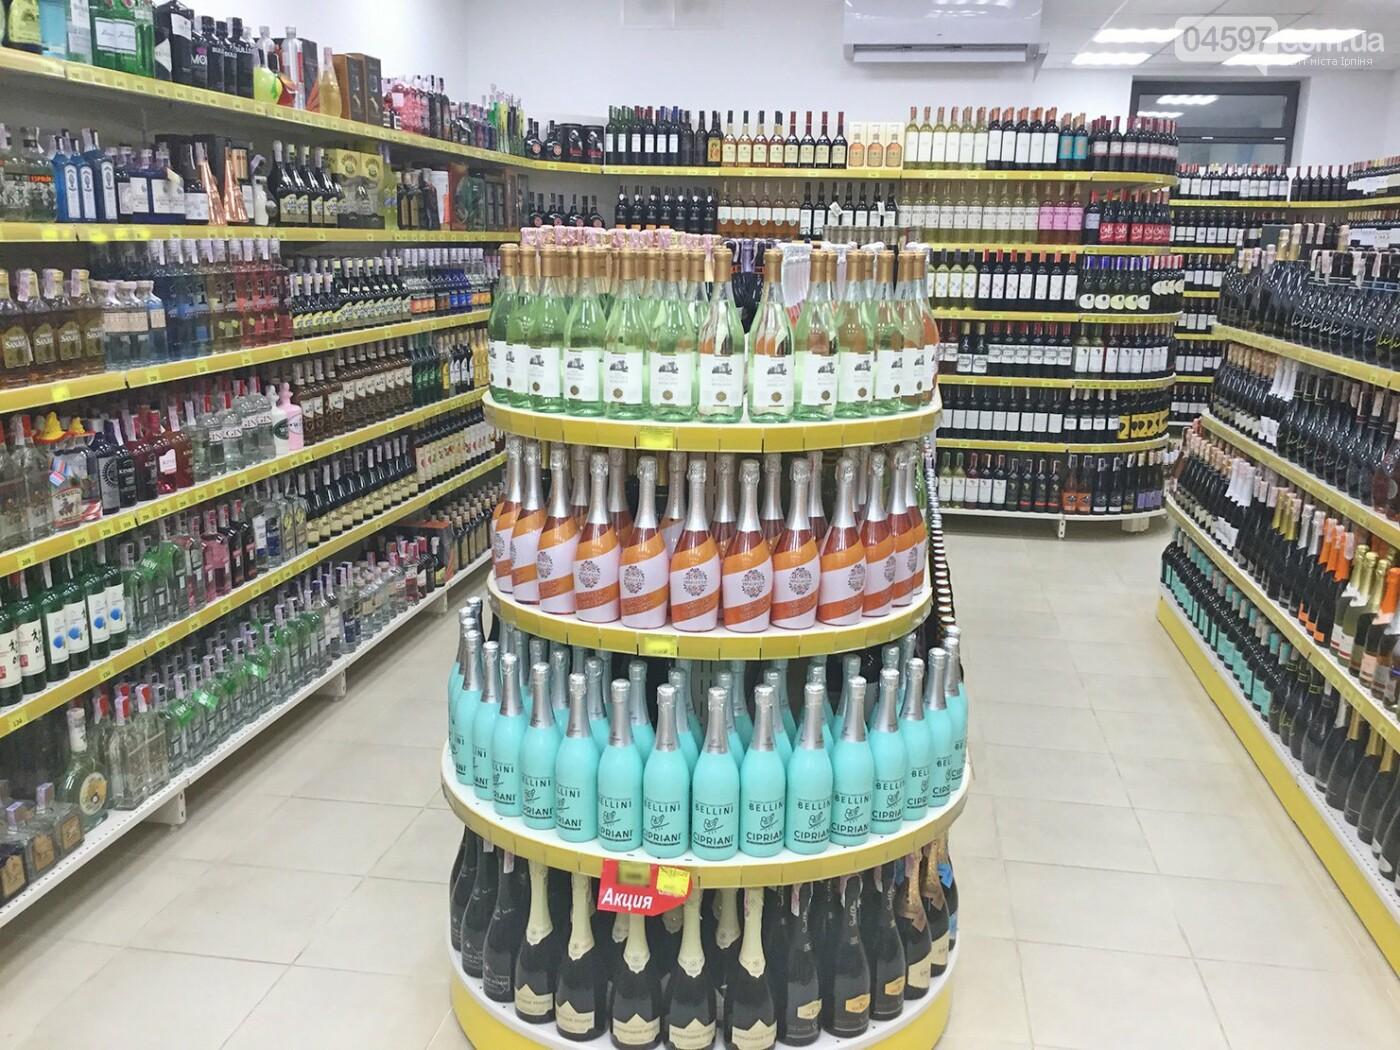 Фірмова крамниця «Вина світу» в Ірпені задовольнить смаки найвибагливіших гурманів!, фото-8